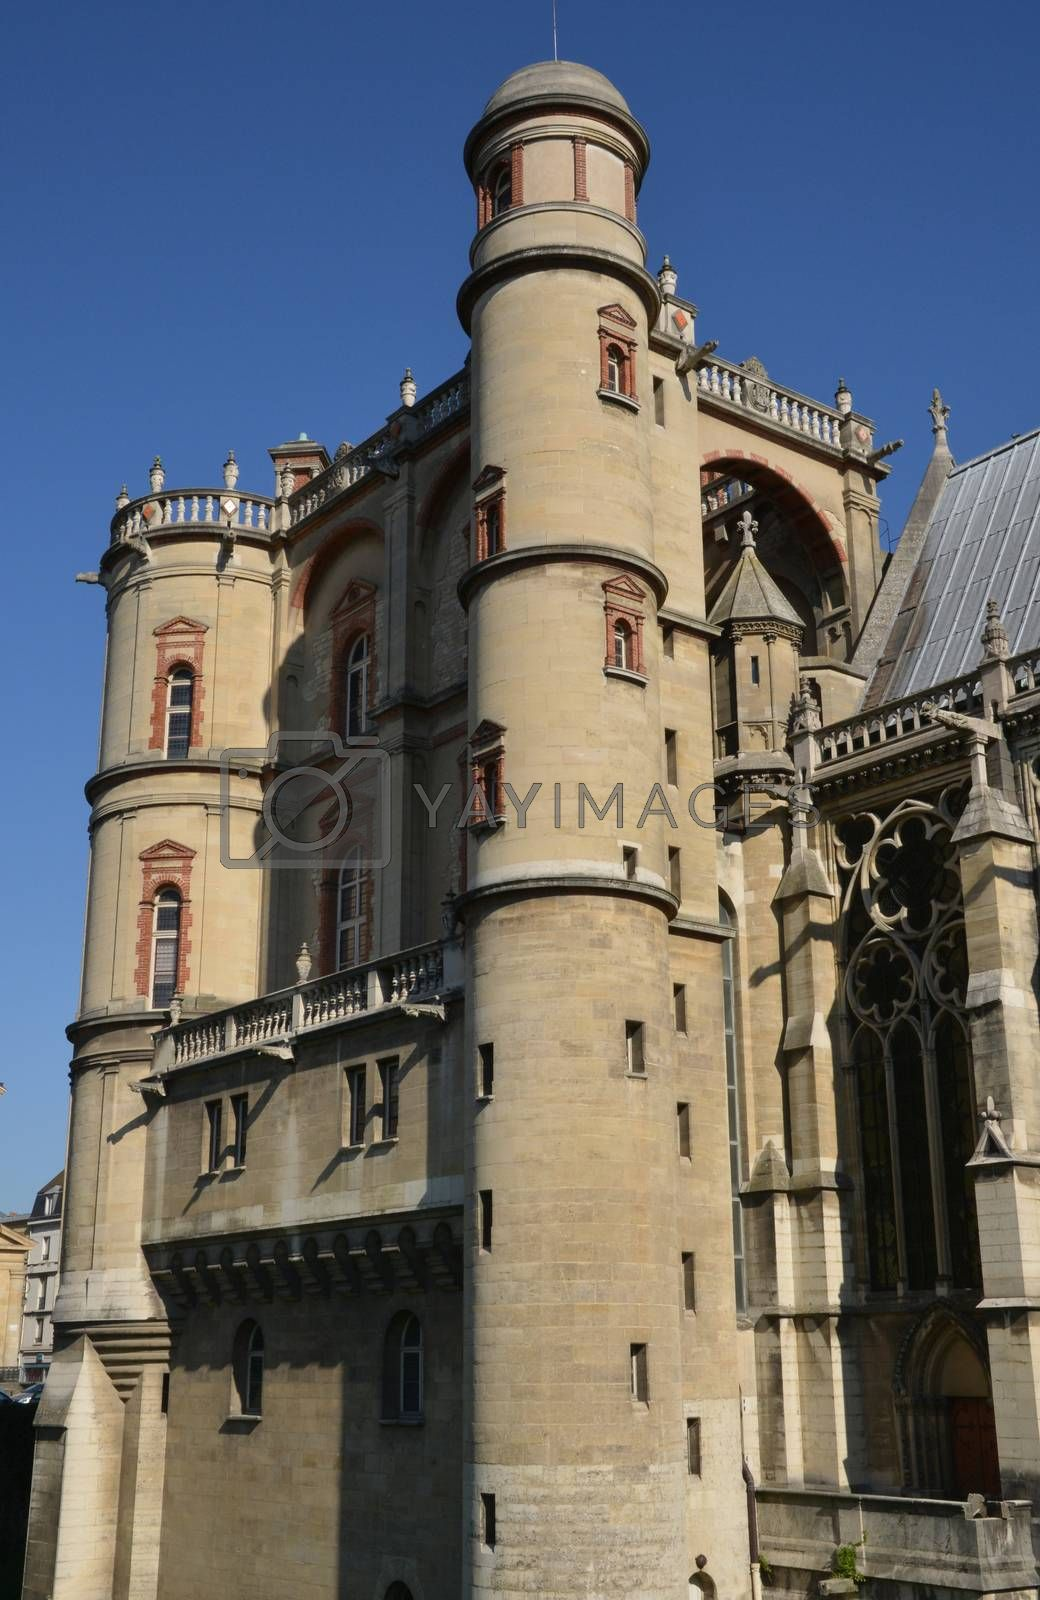 Ile de France, the picturesque castle of Saint Germain en Laye